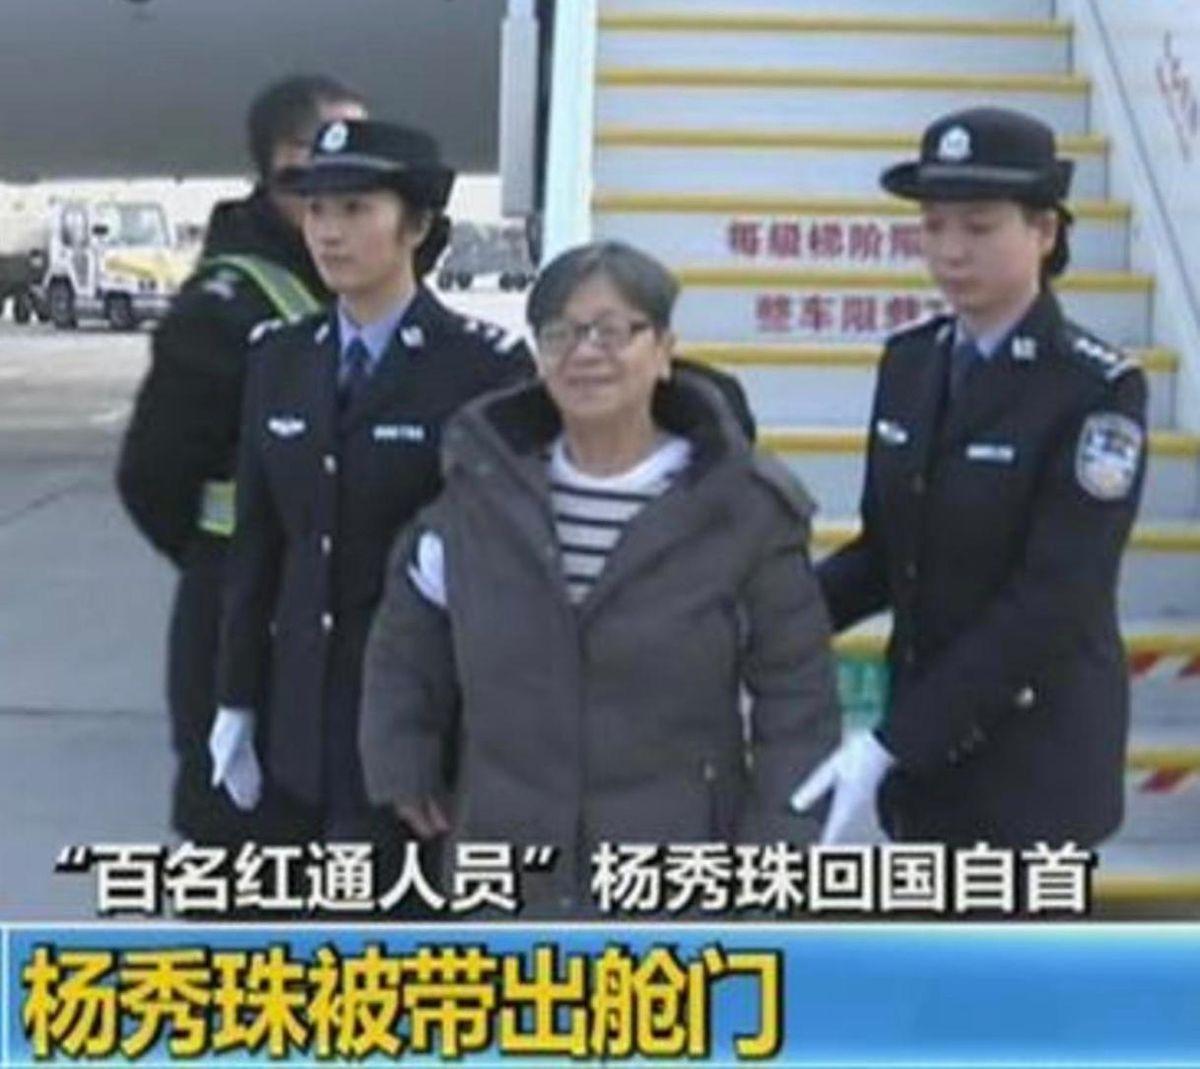 頭號嫌犯楊秀珠回國投案自首。